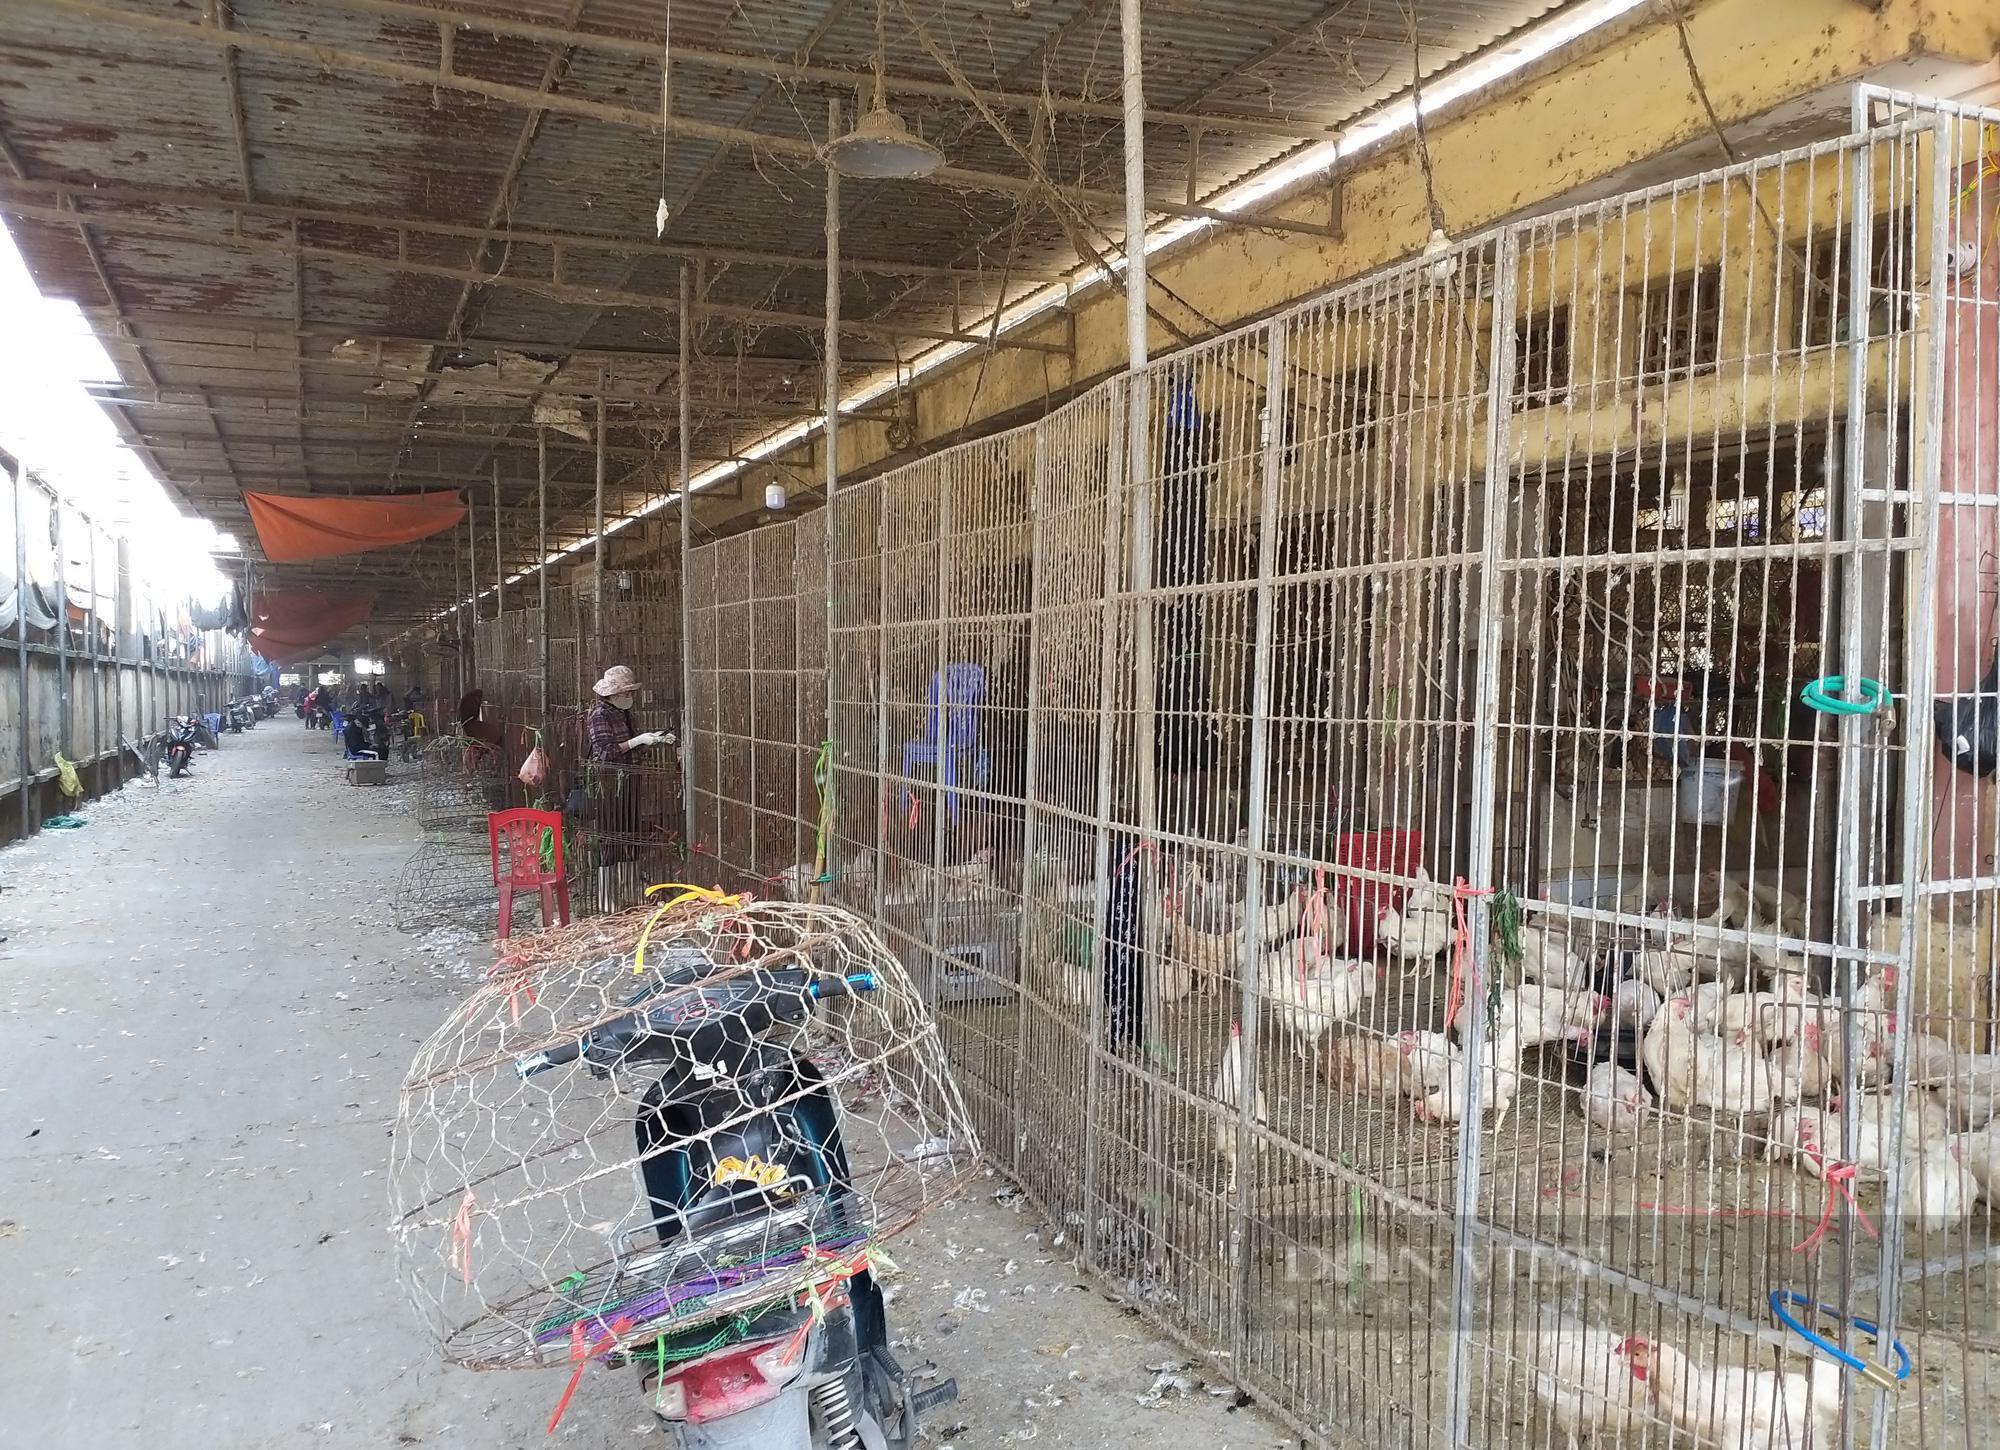 Giá gia cầm hôm nay 24/7: Cập nhật giá gà, vịt tại chợ đầu mối gia cầm lớn nhất miền Bắc - ảnh 1